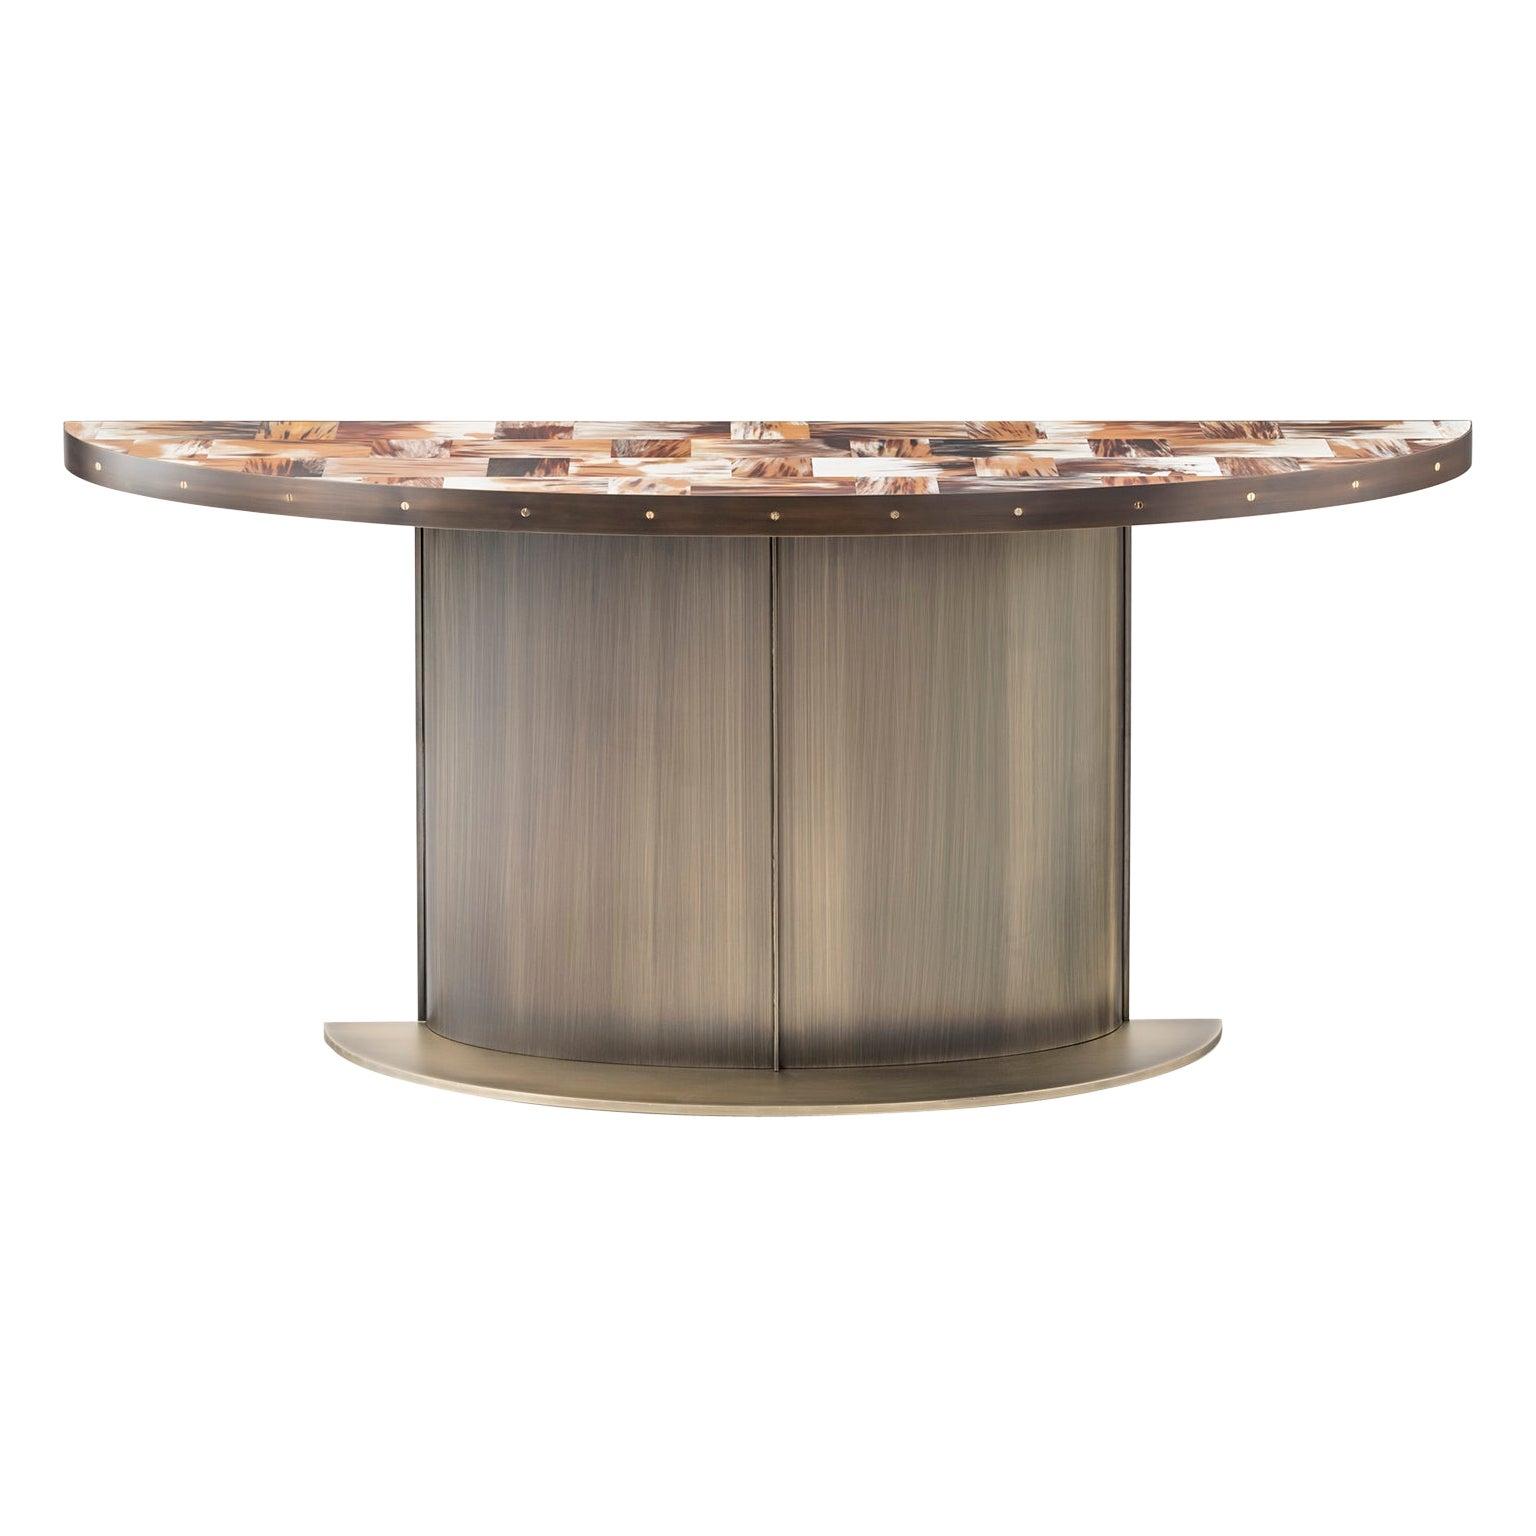 Nettuno Console Table with Top in Corno Italiano with matte finish, Mod. 6016